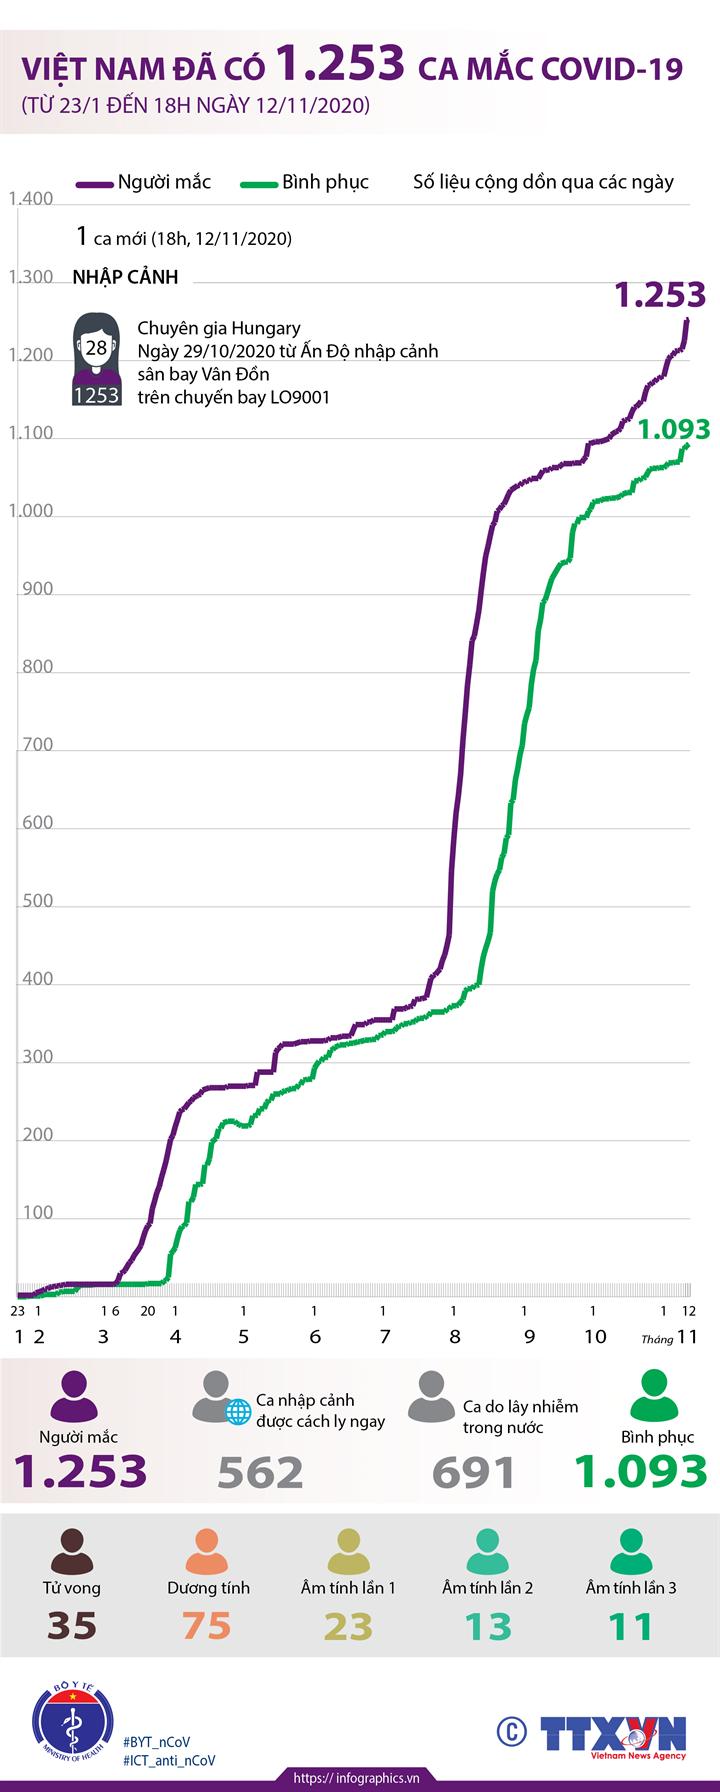 Việt Nam đã có 1.253 ca mắc COVID-19 (từ 23/1 đến 18h ngày 12/11/2020)